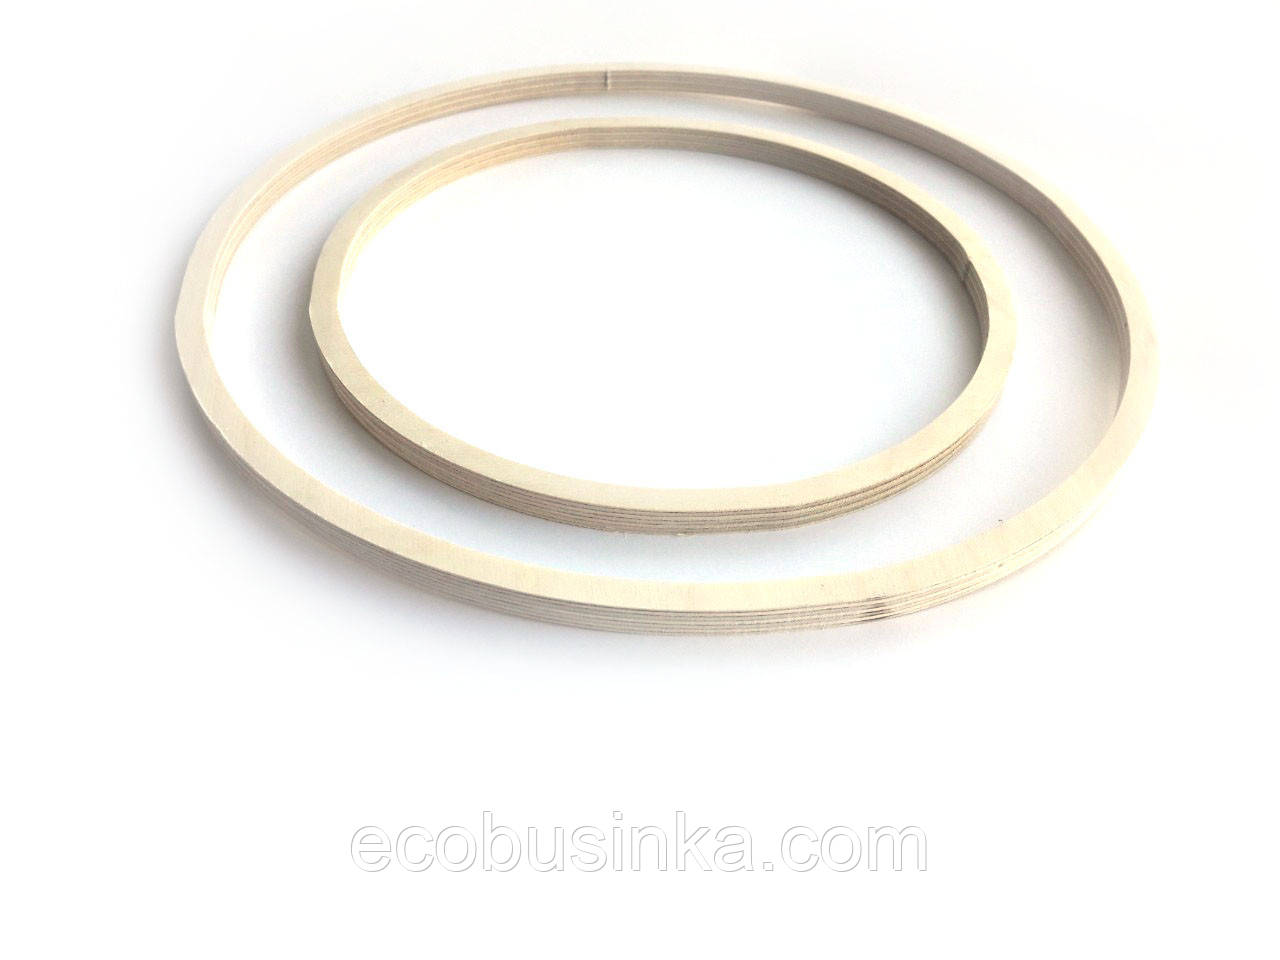 Кольца деревянные для мобилей, 1